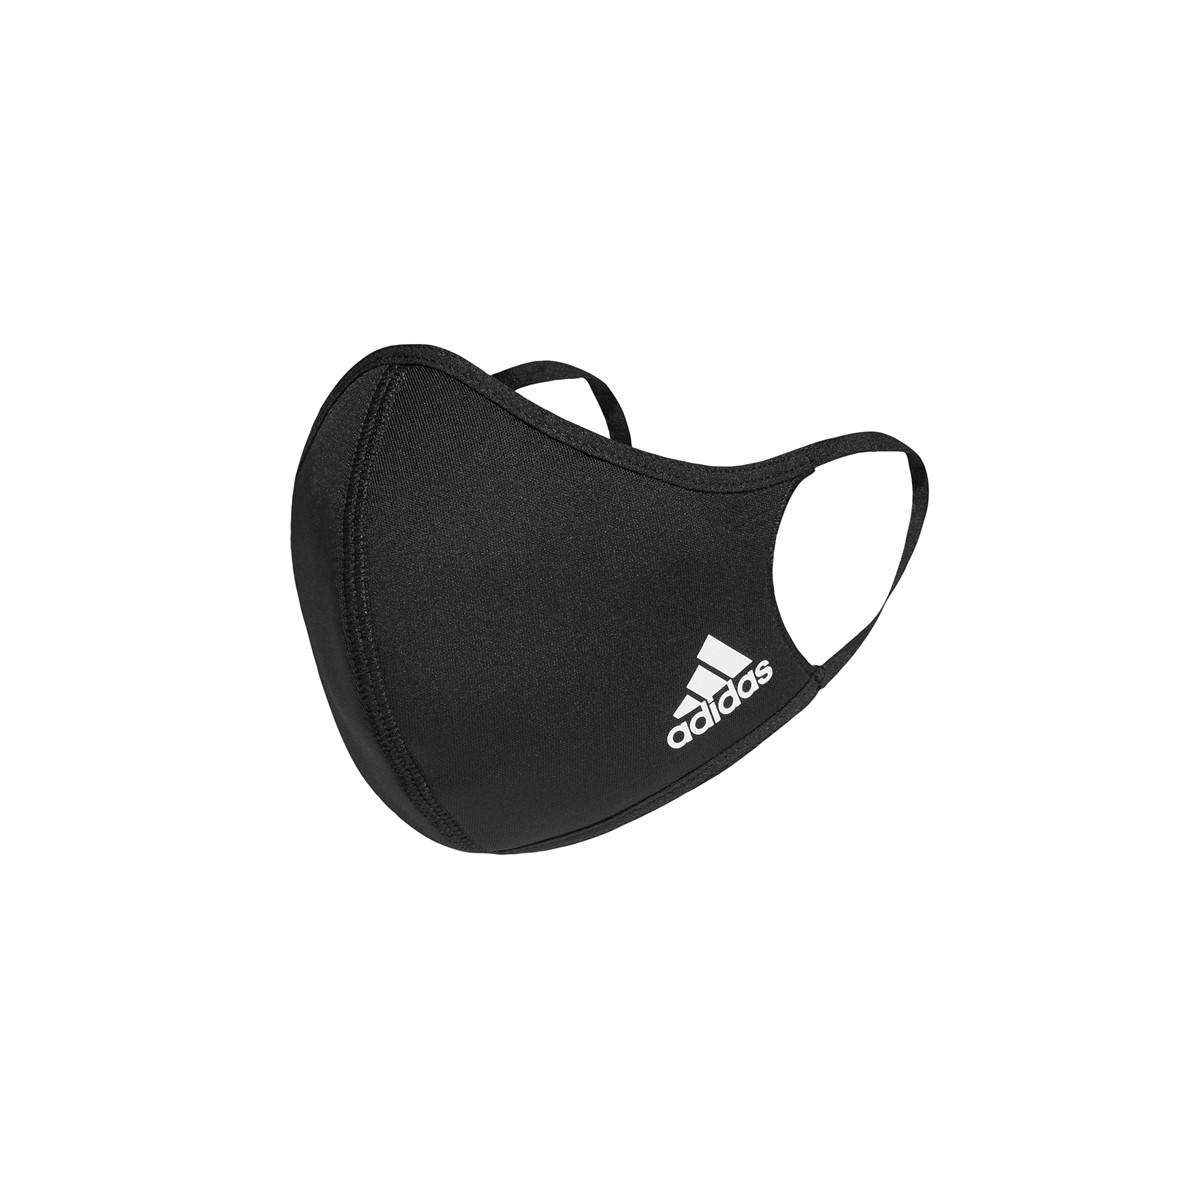 Women's 3-Pair Face CVR Mask in Black